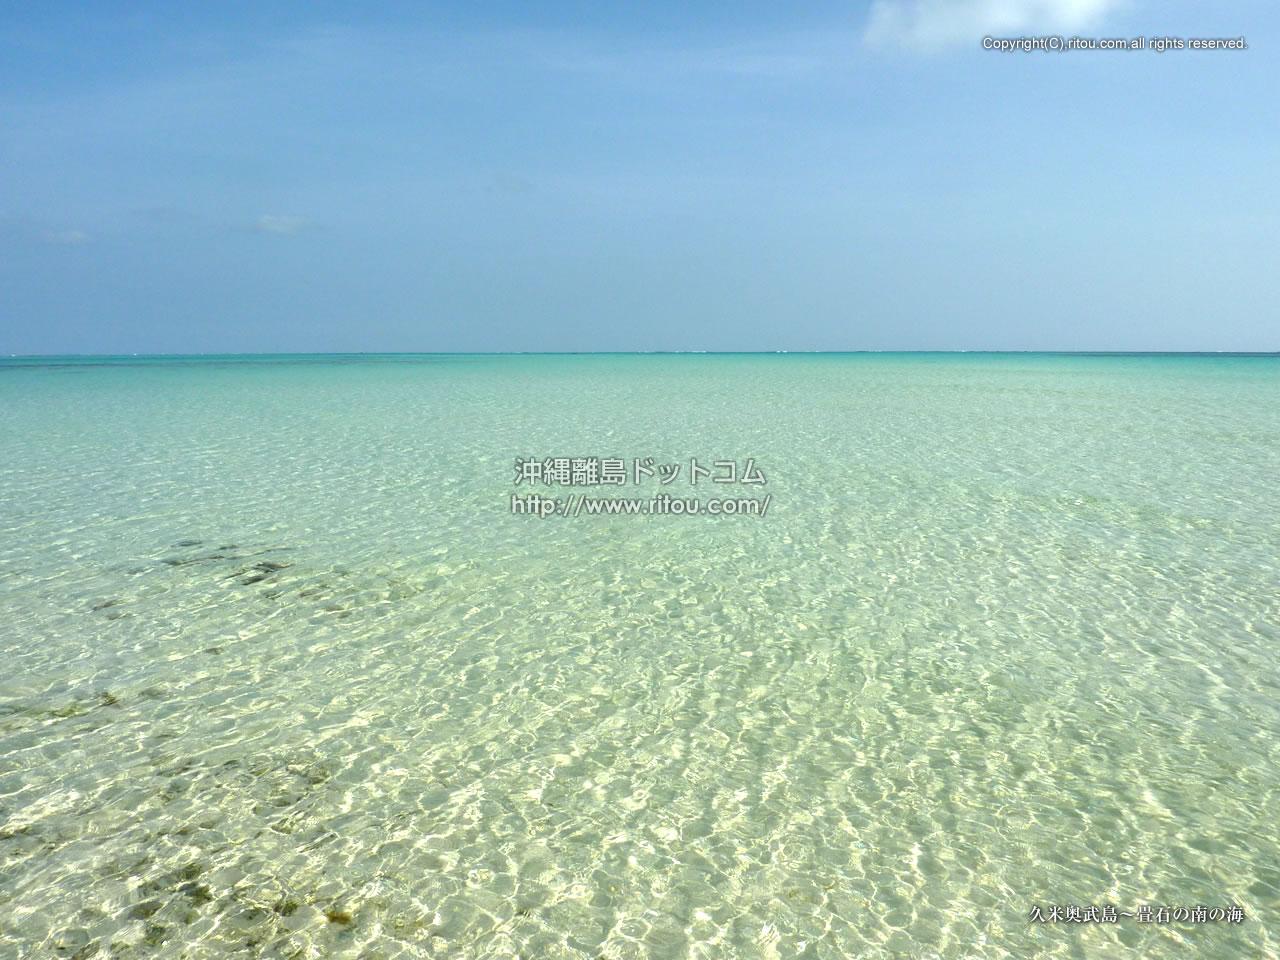 久米奥武島〜畳石の南の海